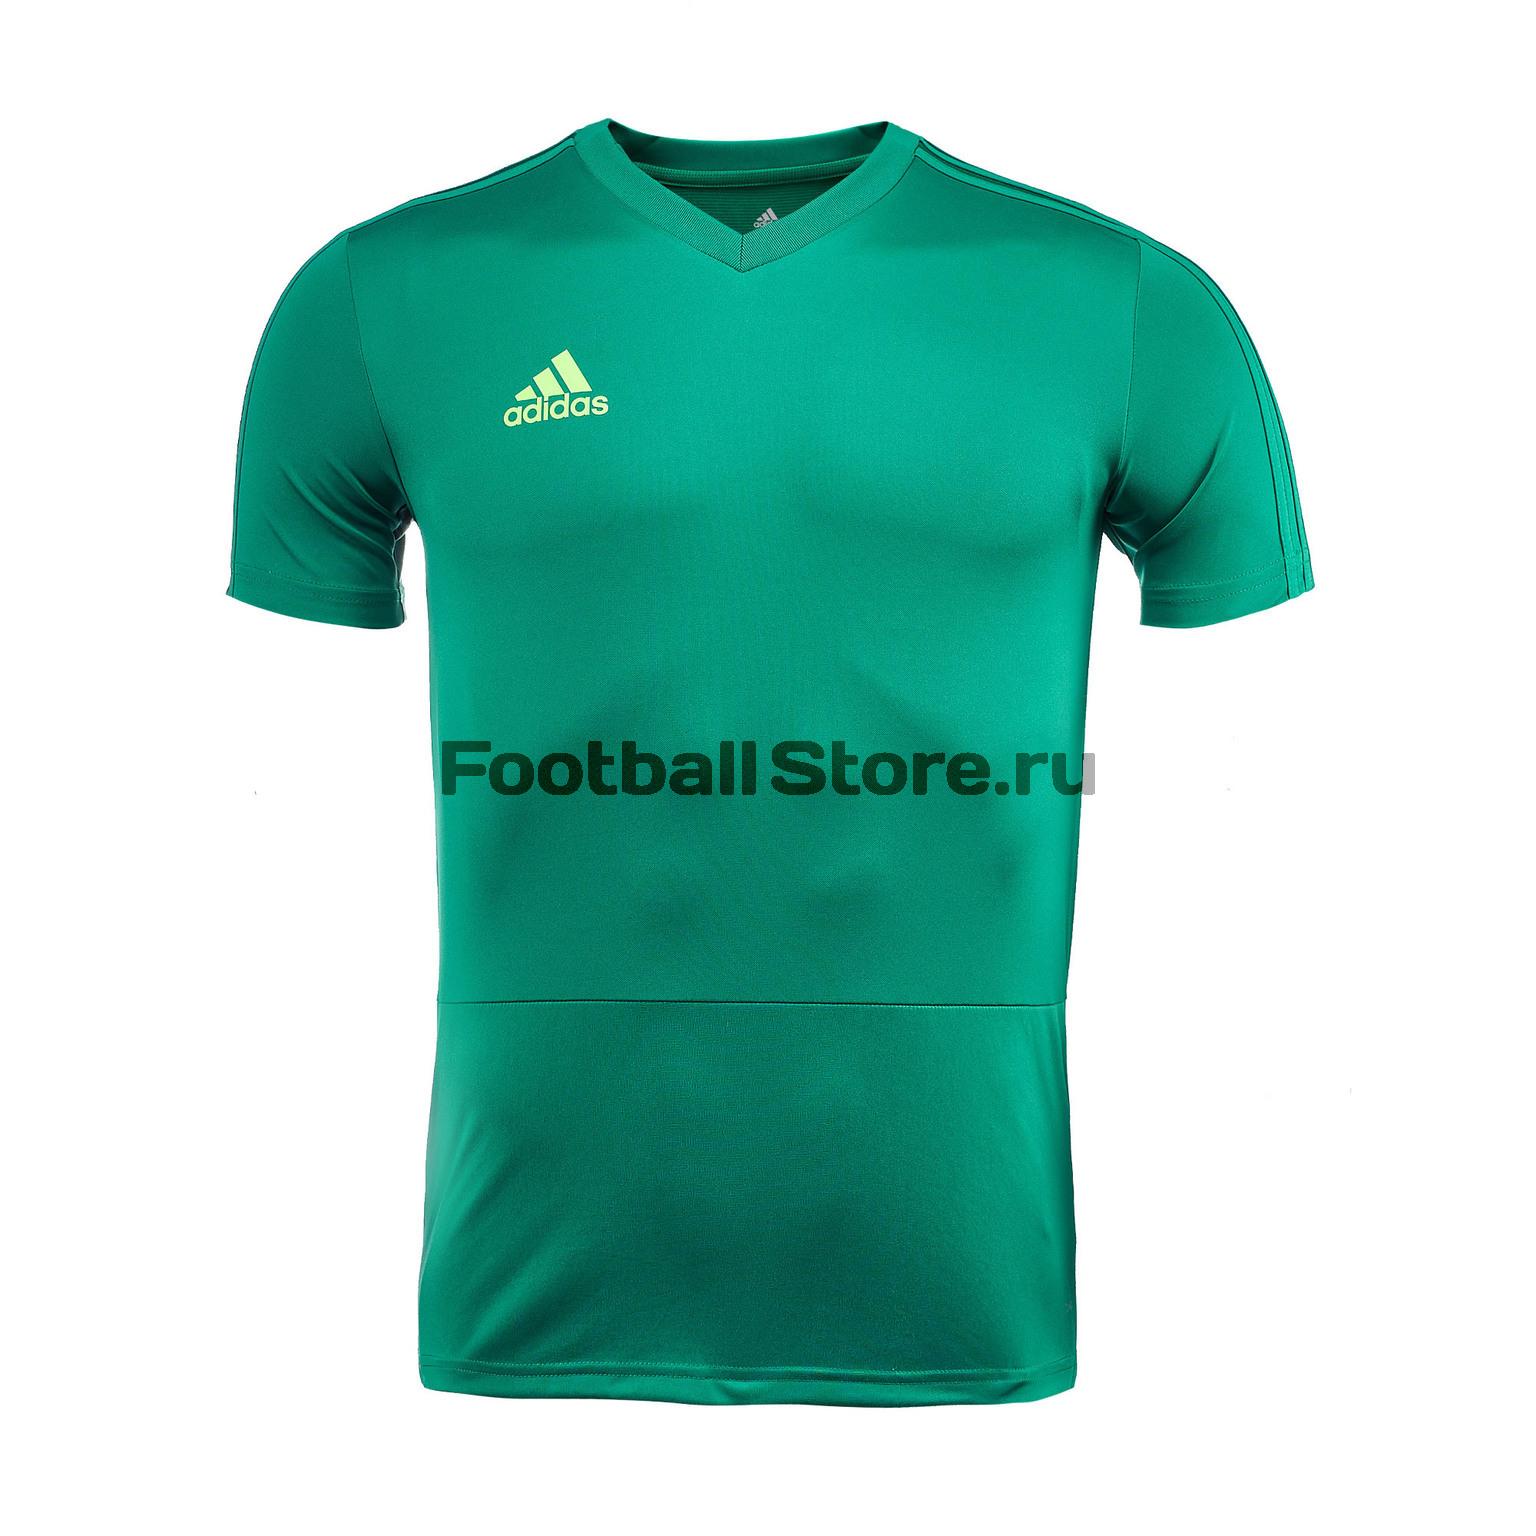 Футболка тренировочная Adidas Con18 TR JSY CG0358 футболка тренировочная adidas con18 cg0352